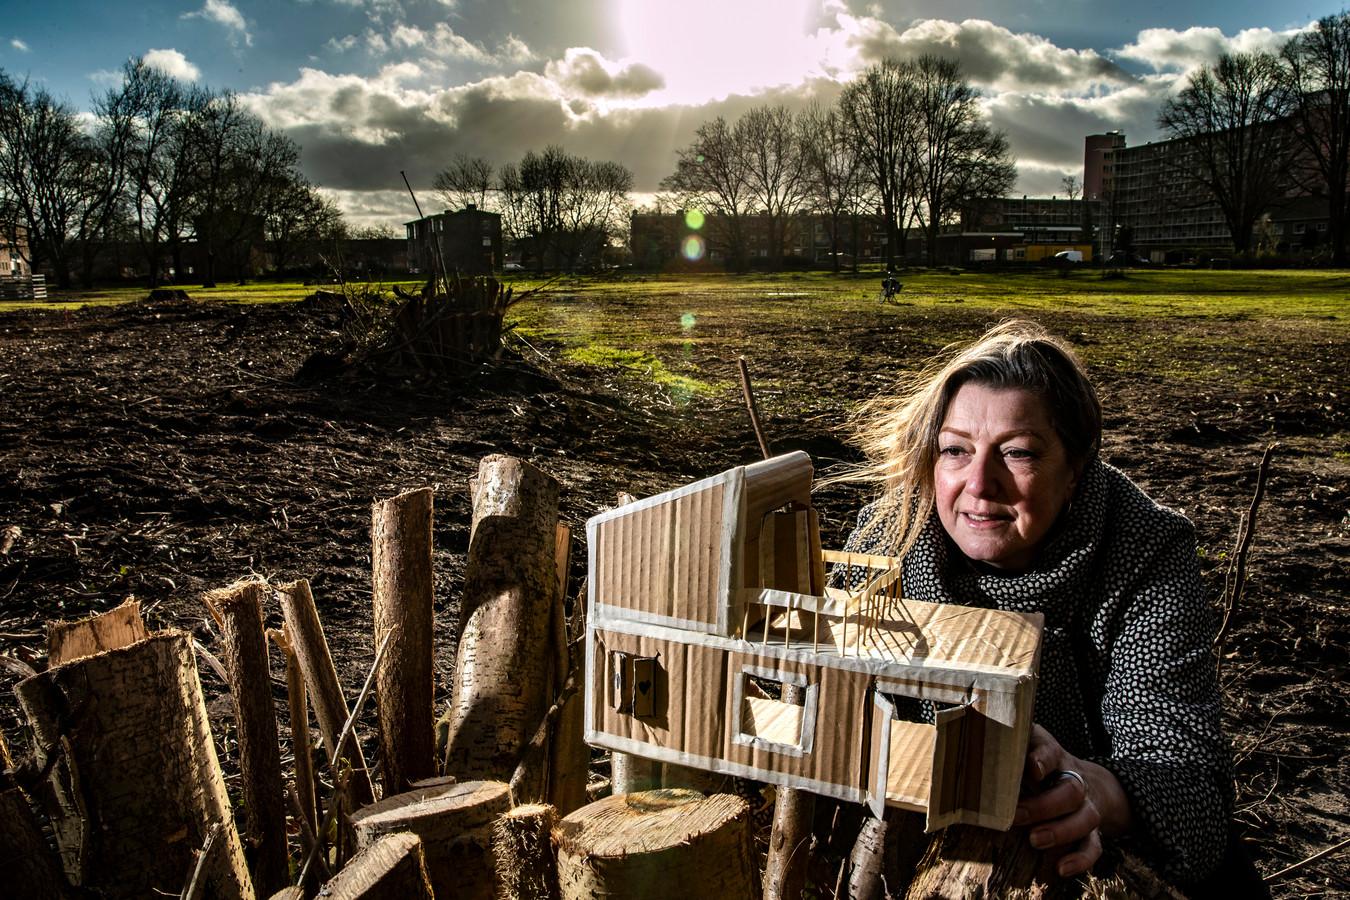 Jorien Maters kijkt naar de maquette van haar ideale Tiny House. Over een jaar kan dit huisje zomaar op de grond achter haar staan.